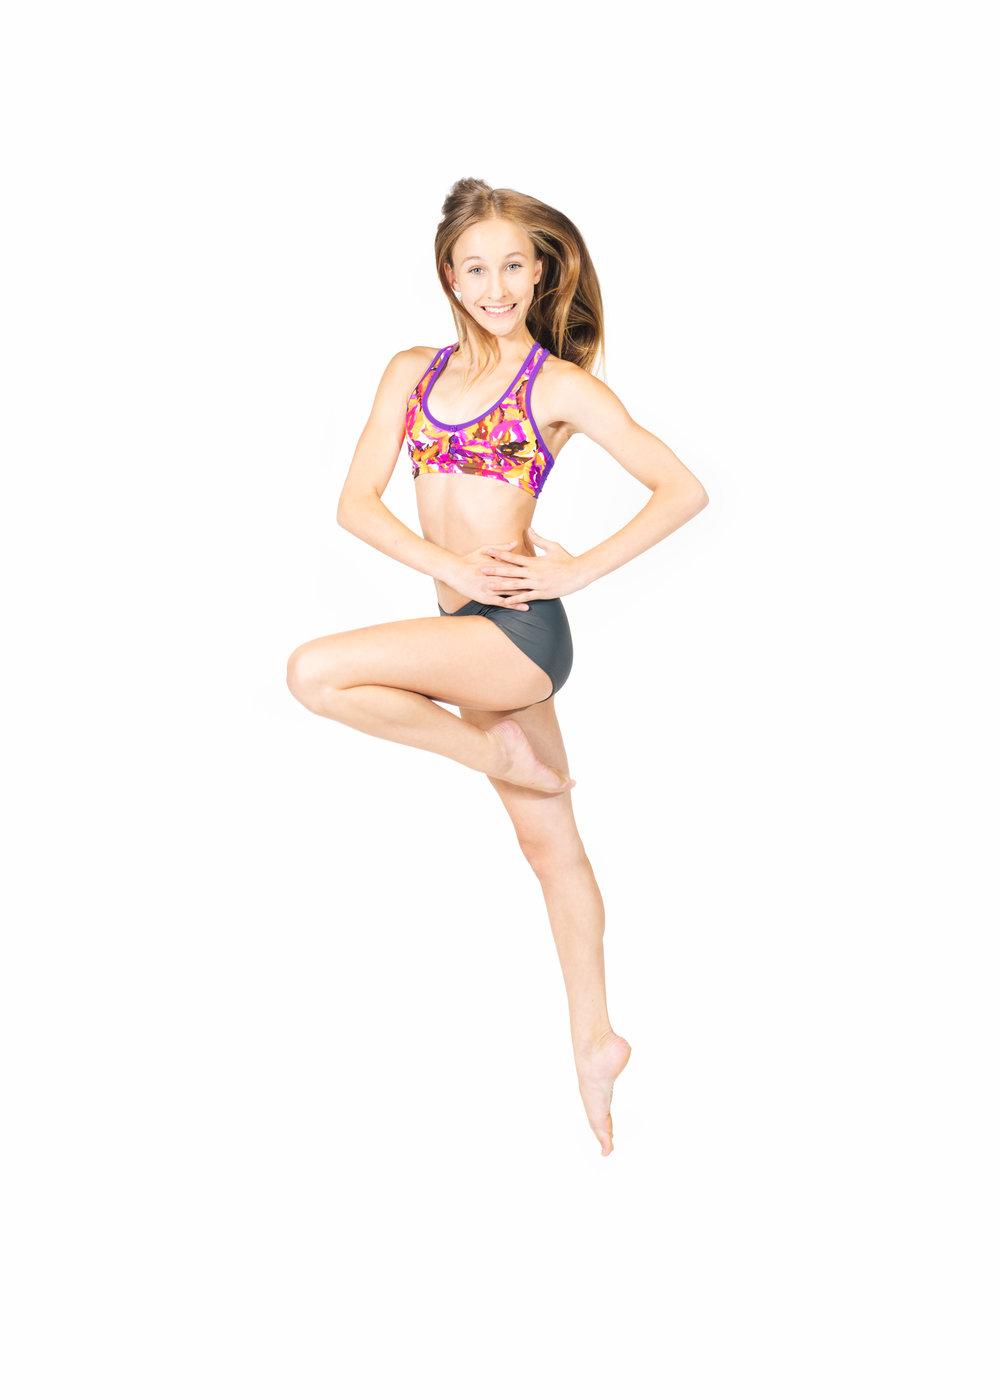 August 2017 Portland Dance Center Emma Devin 0G5A6195.jpg